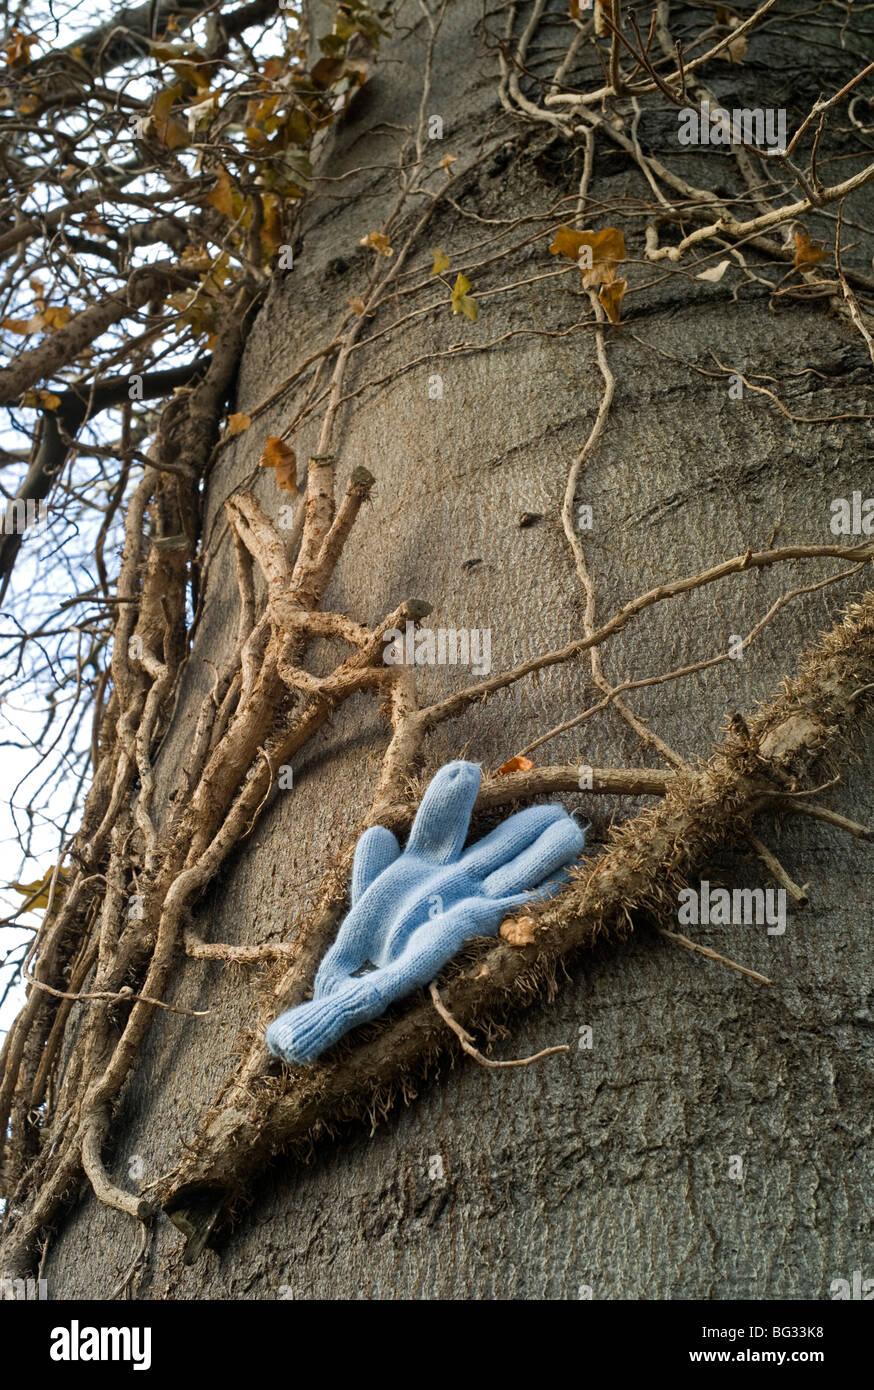 Verlorenen Handschuh auf Baumstamm gelegt Stockbild